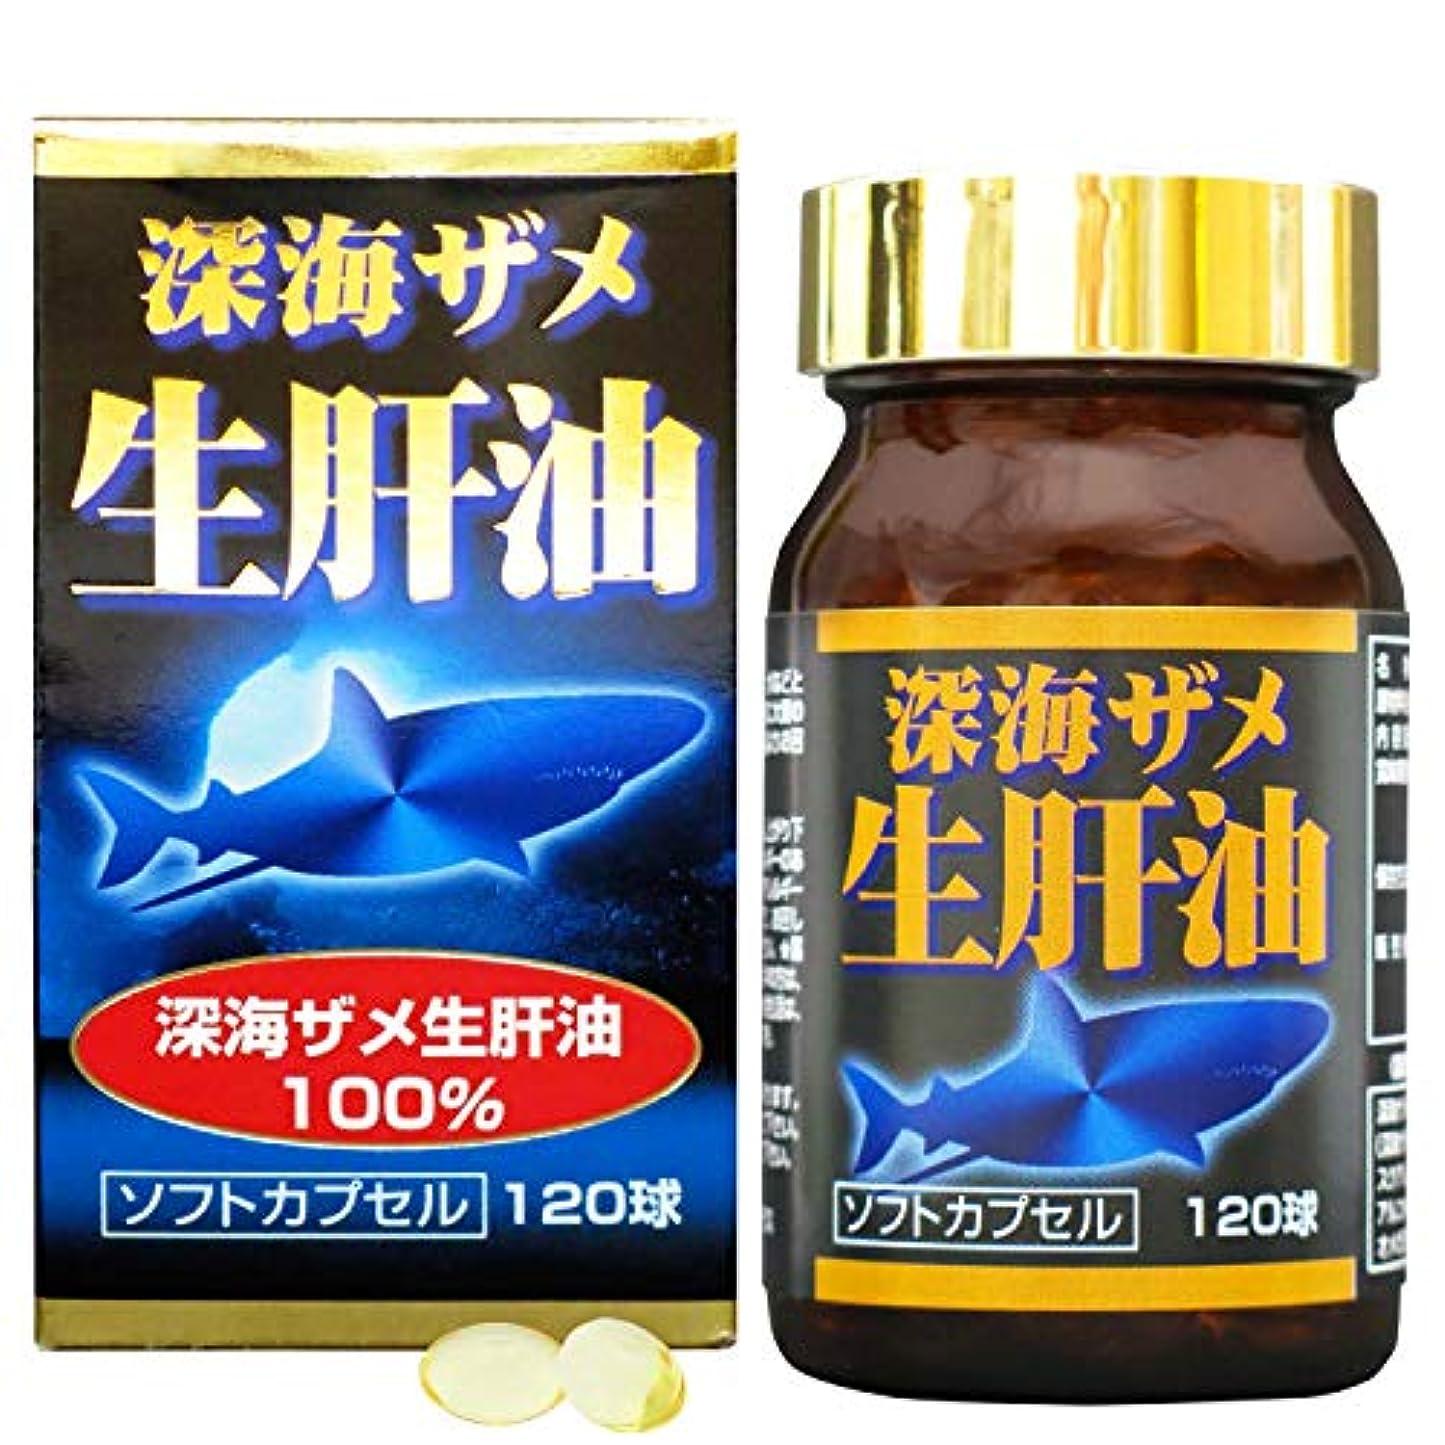 ユウキ製薬 深海ザメ生肝油 30日分 120球